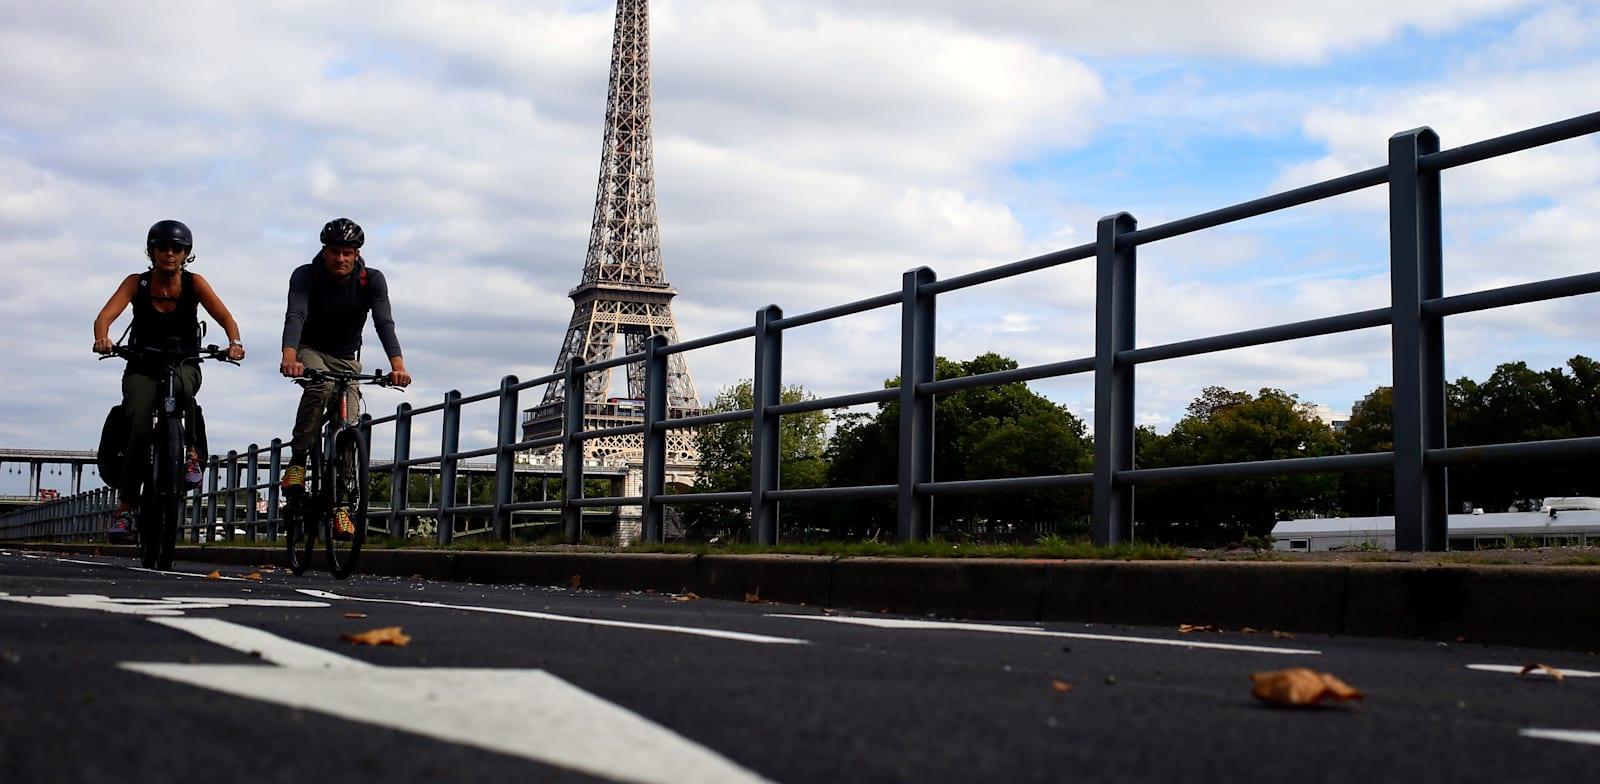 פריז - עיר 15 הדקות של אן הידלגו, משמשת השראה לראשי ערים בכל העולם / צילום: Associated Press, Francois Mori